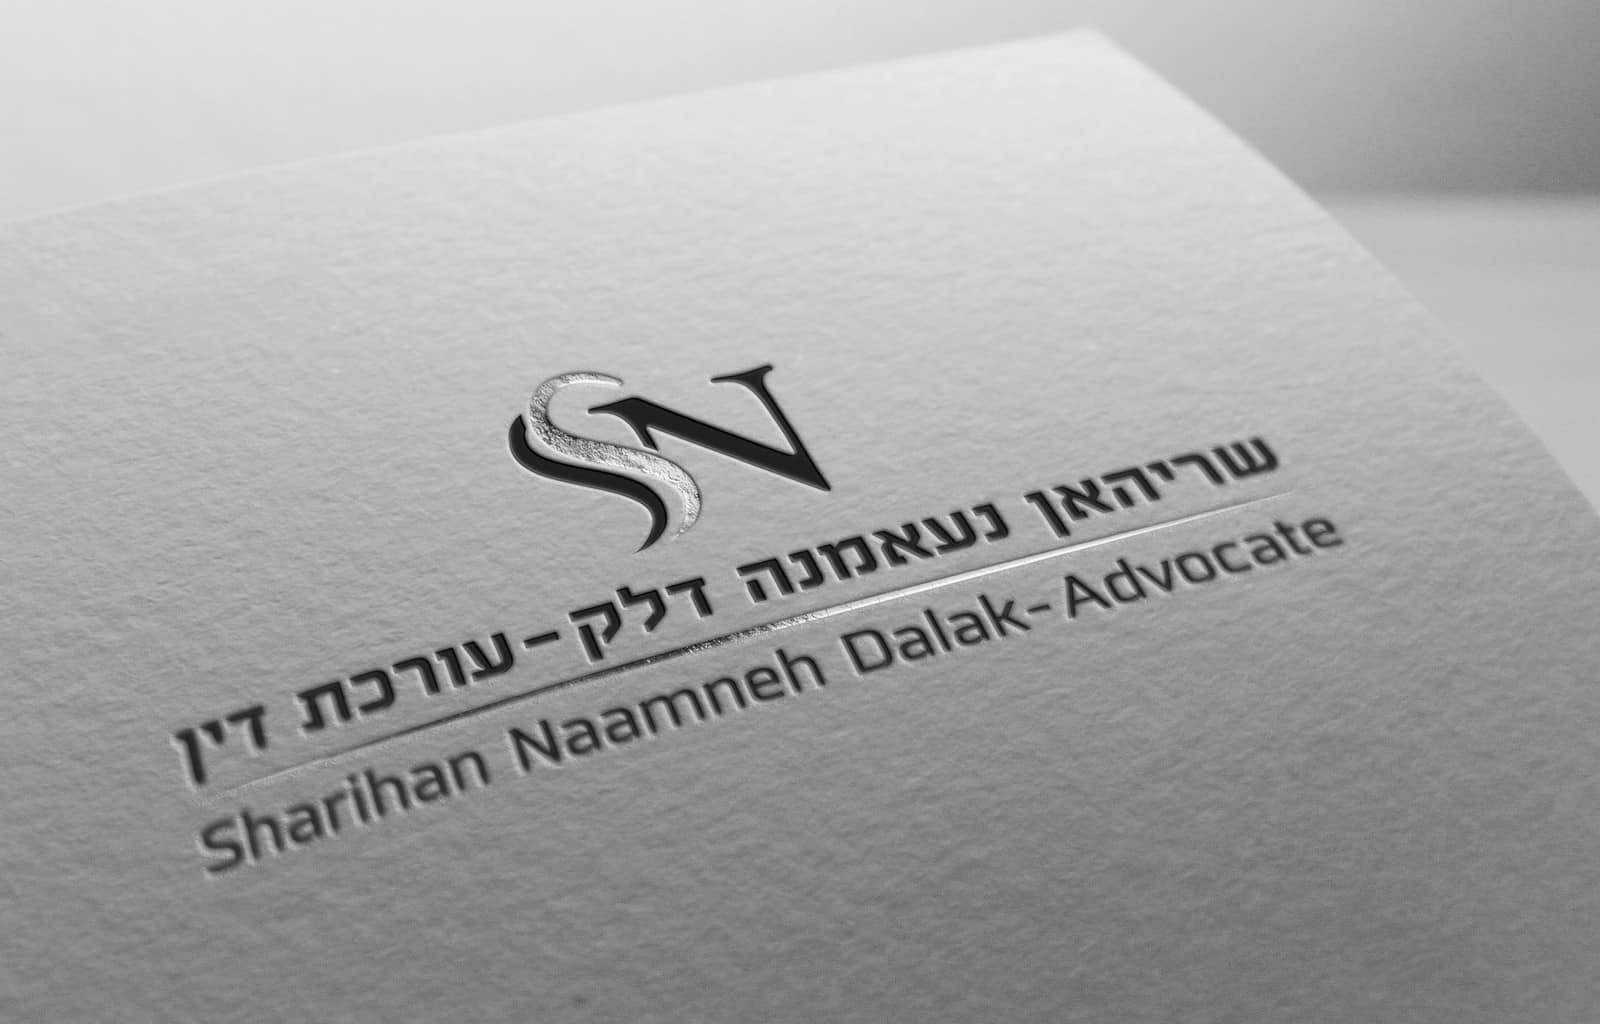 עיצוב לוגו קלאסי לעורכת דין